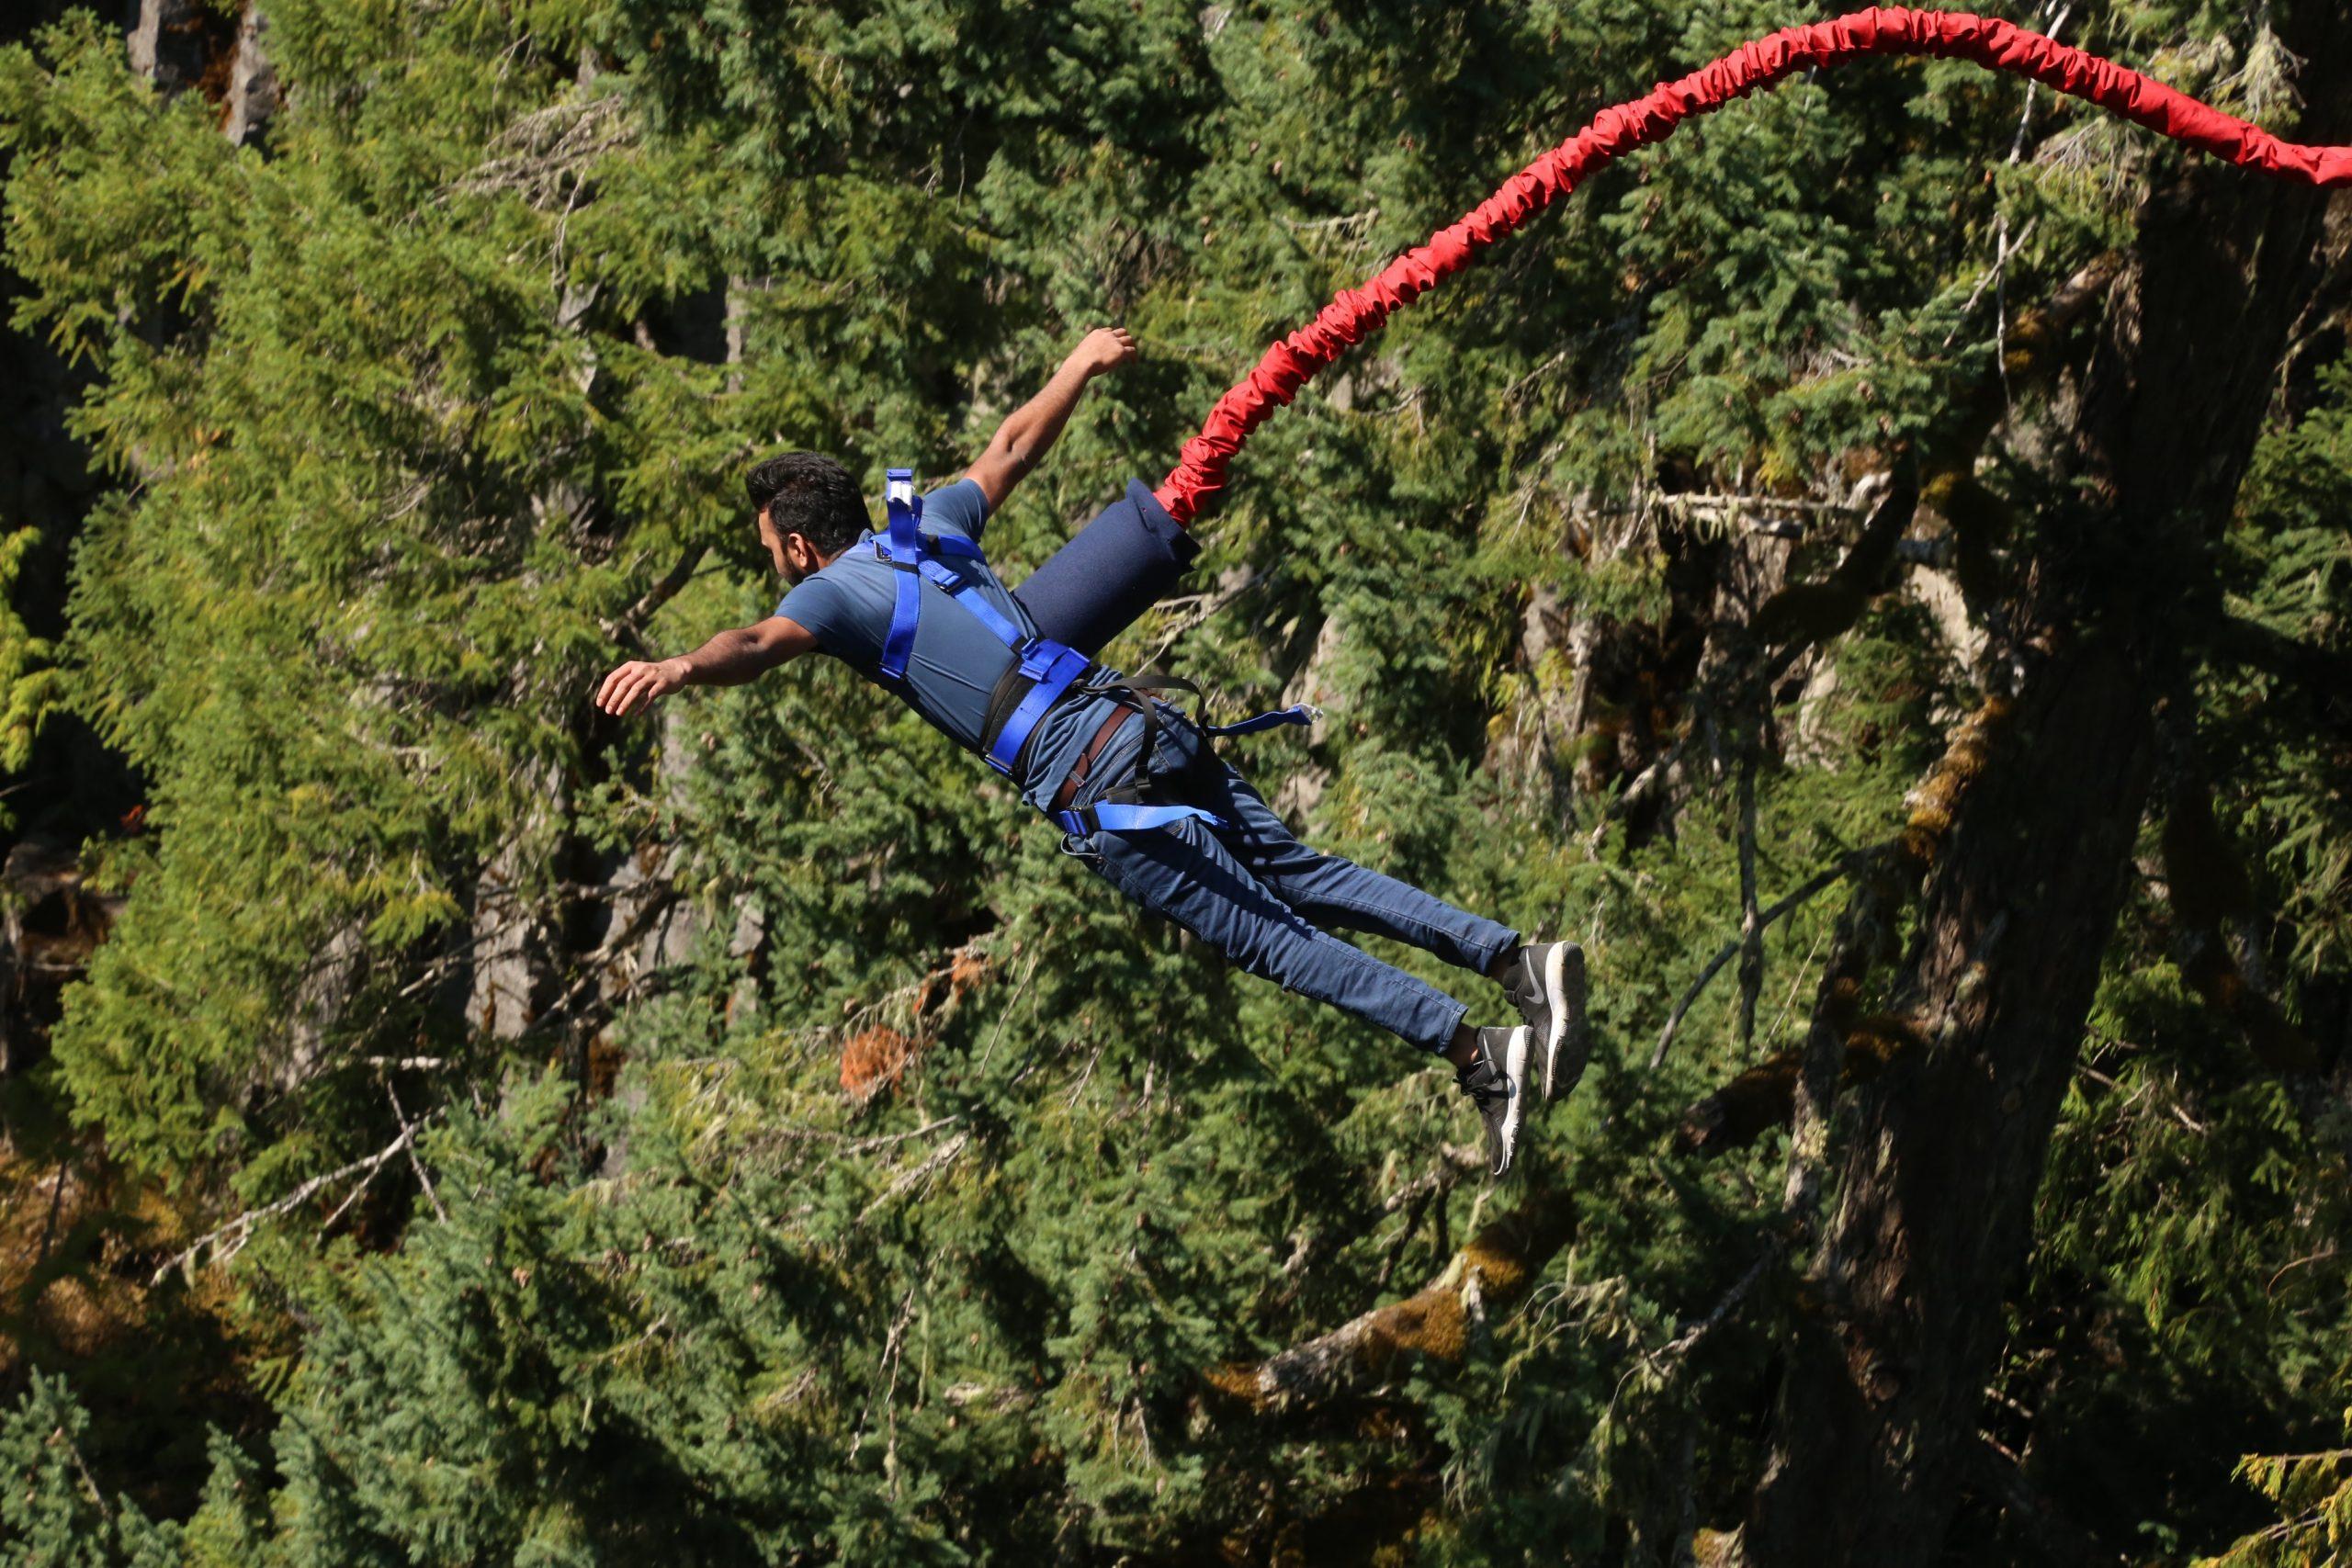 Para quem curte esporte de aventura: Pular de bungee Jumping na África do Sul